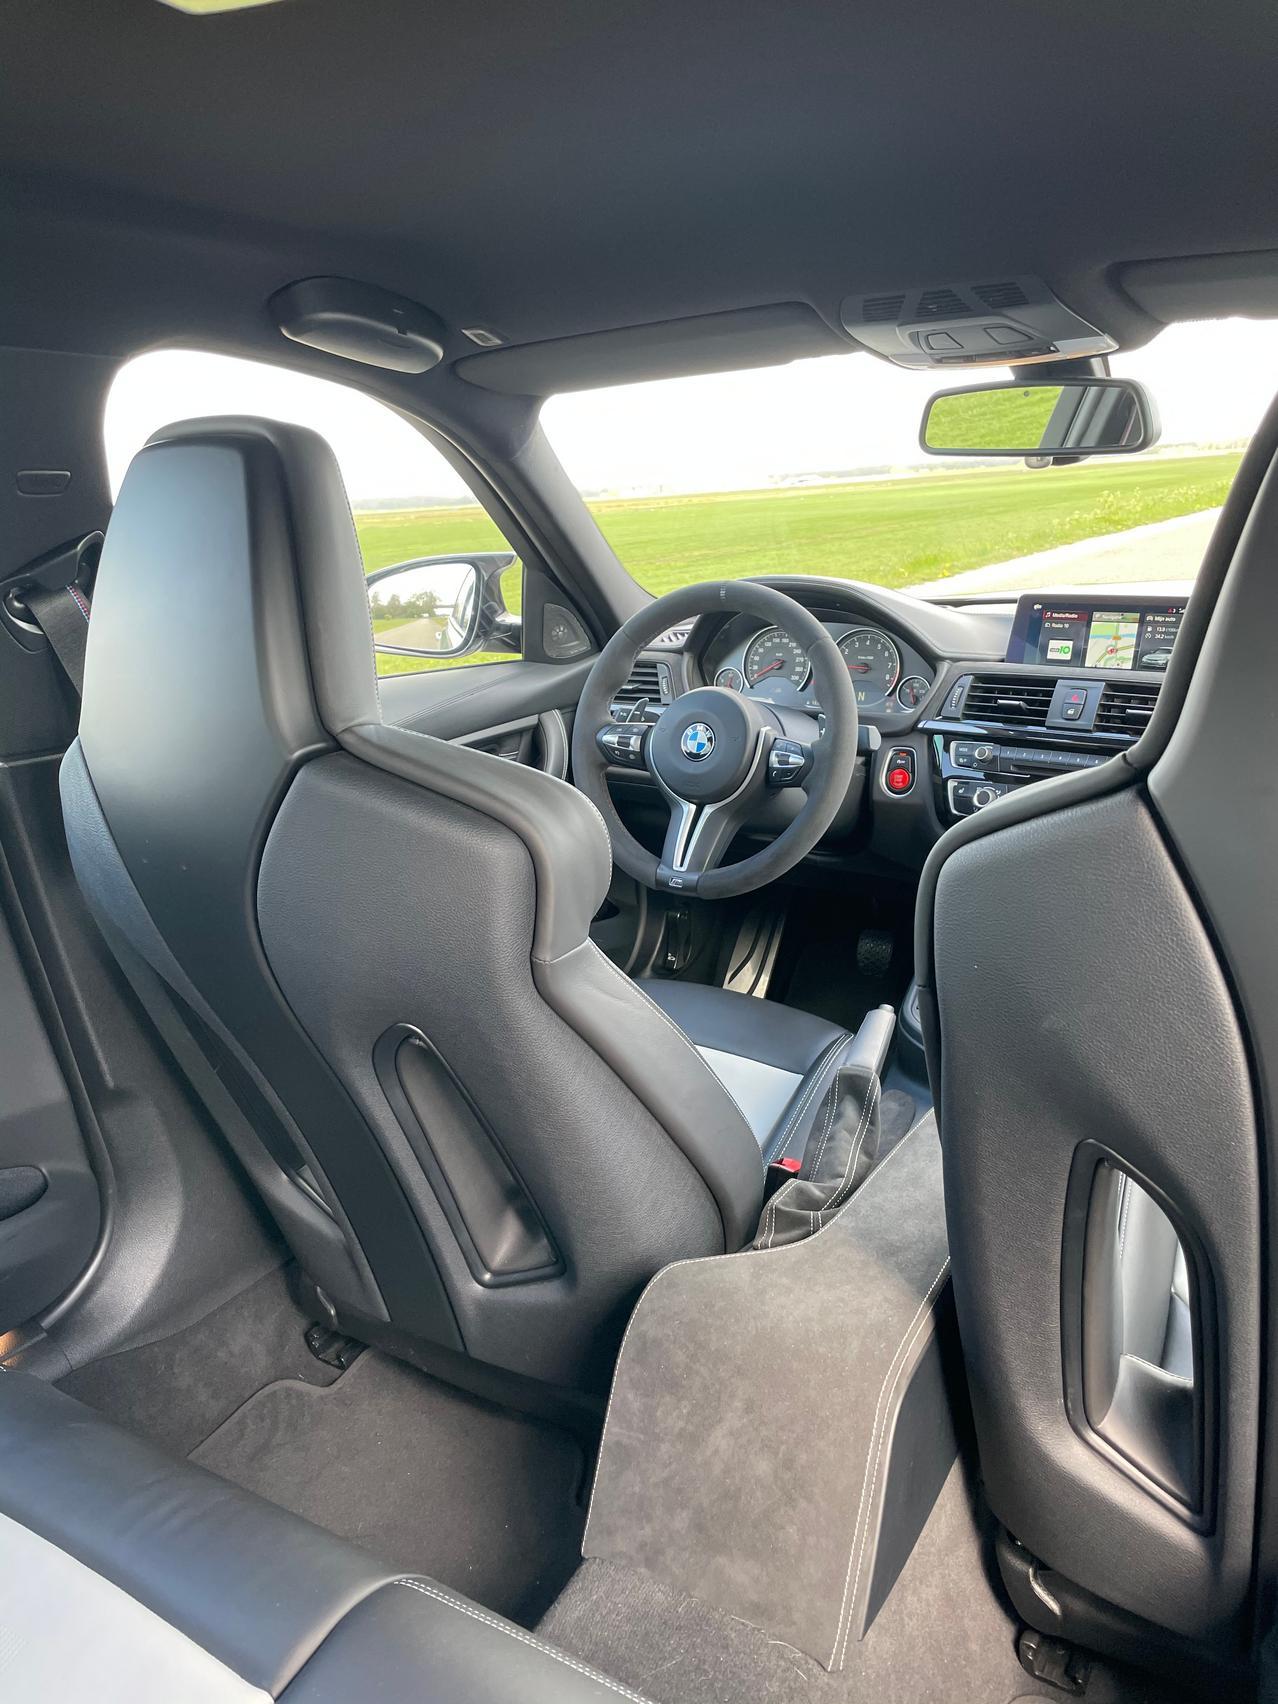 BMW M seats